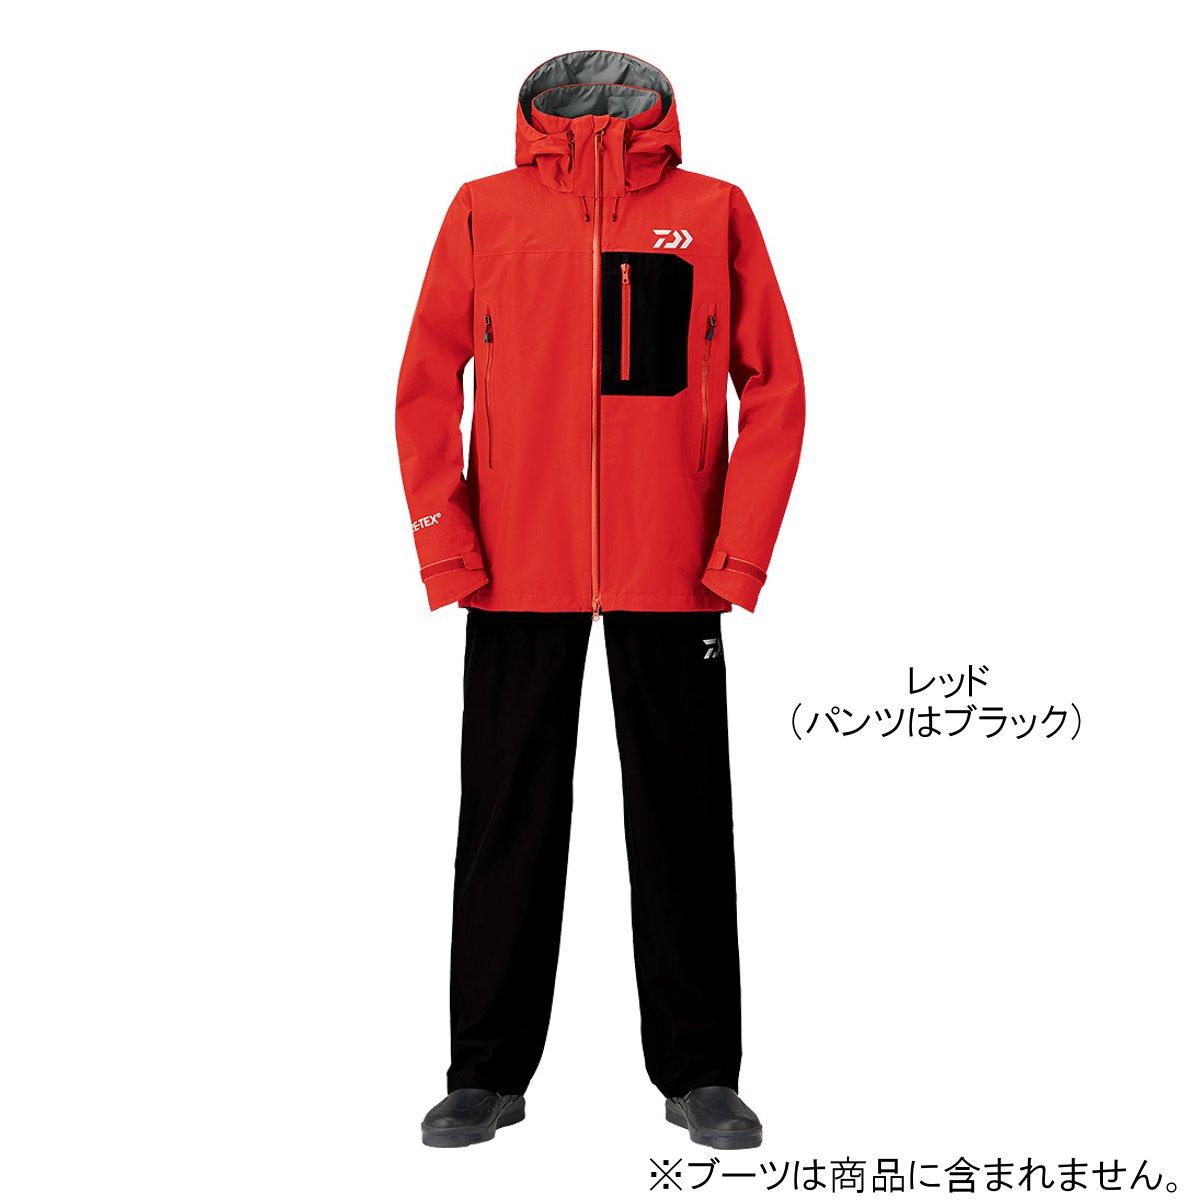 ダイワ ゴアテックスプロダクト パックライト レインスーツ DR-1908 L レッド(東日本店)